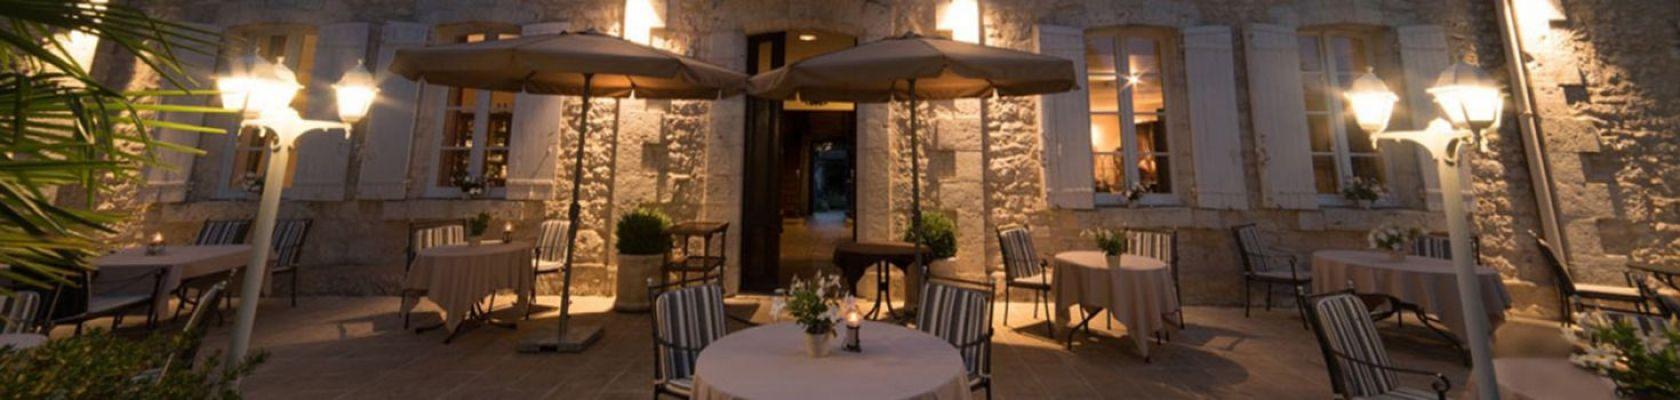 H tels et chambres d 39 h tes quercy sud ouest tourisme for Appart hotel sud ouest